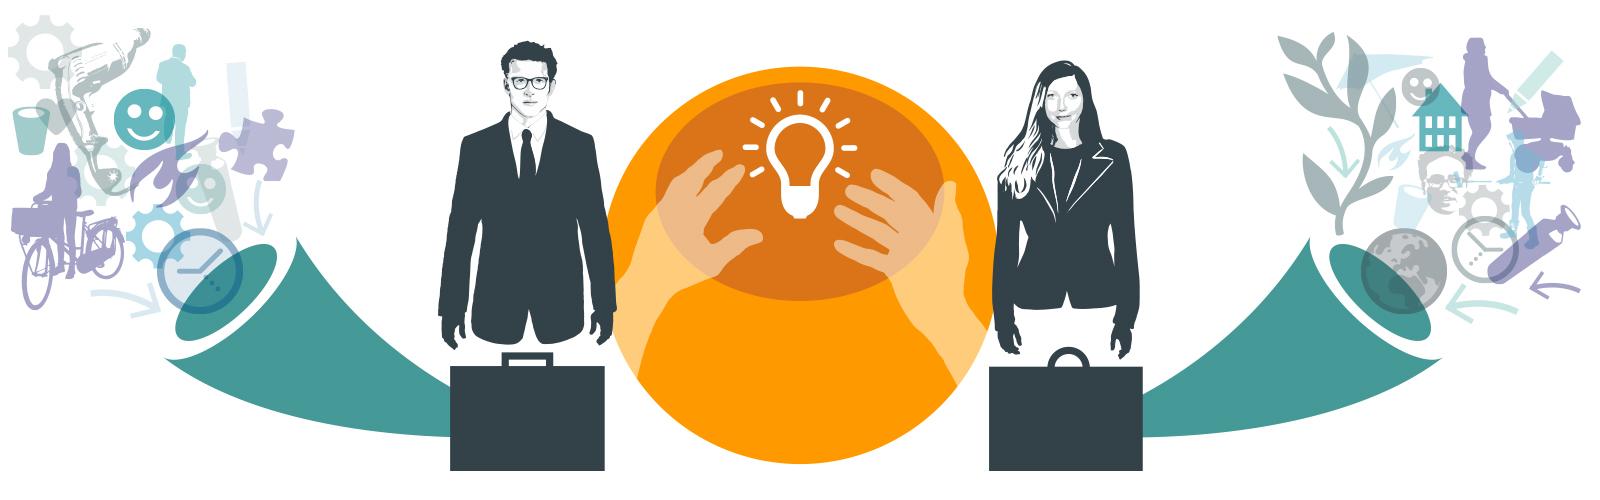 mooc design practice in business tu delft online